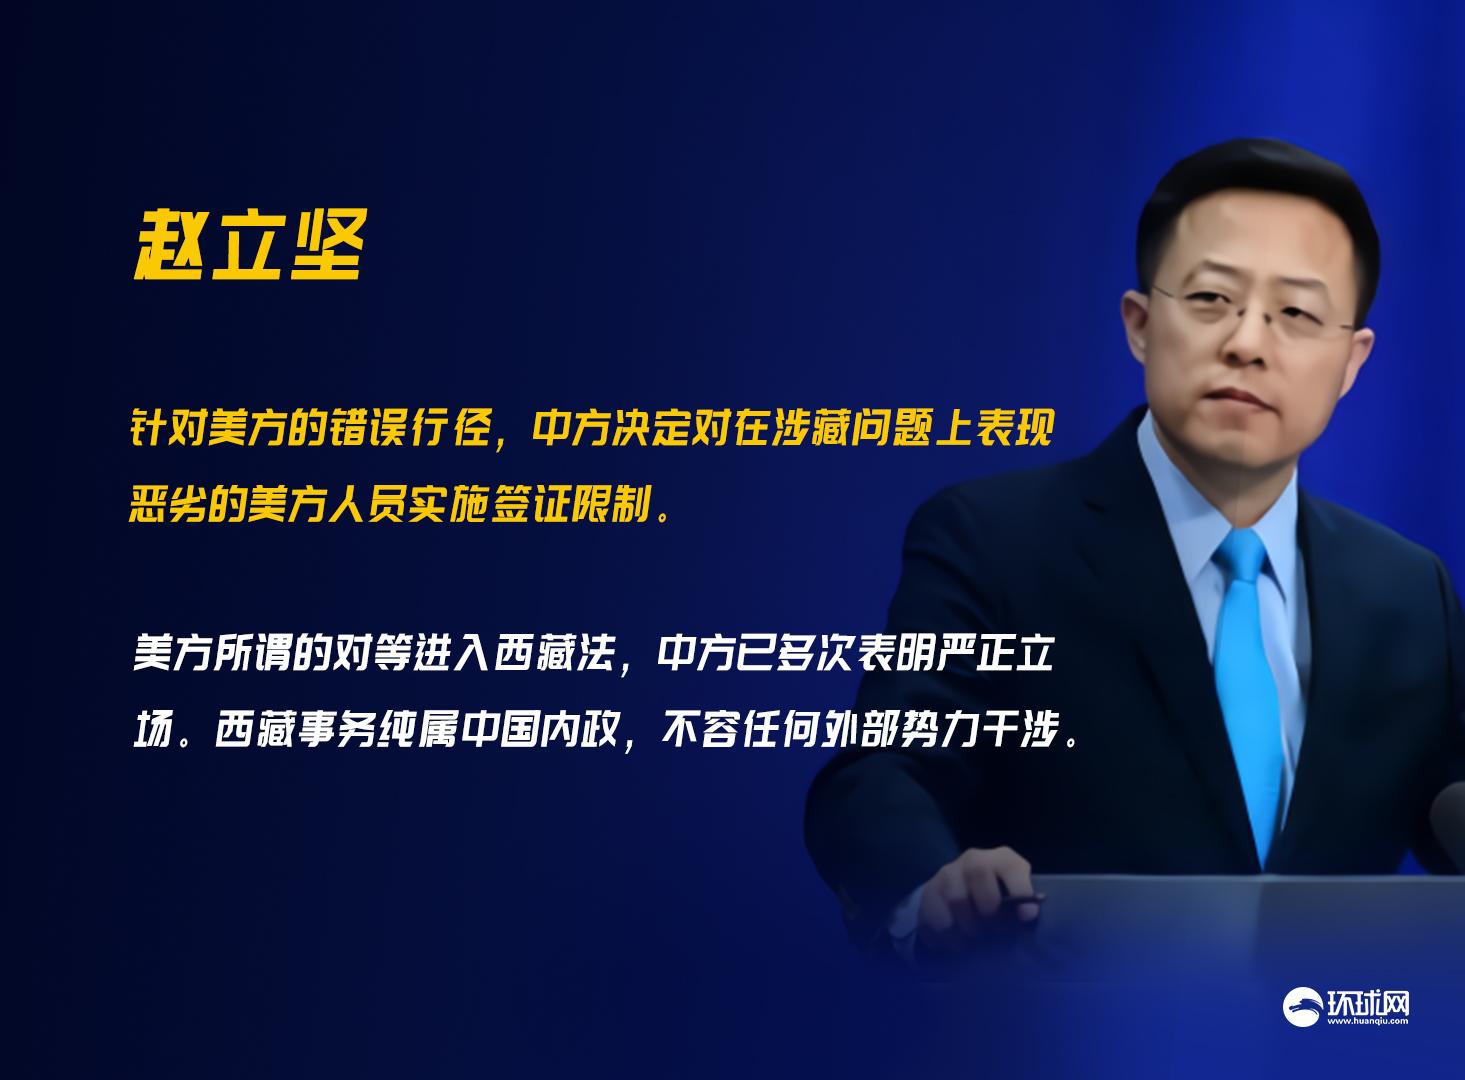 外交部:中方将对涉藏问题表现恶劣的美方人员实施签证限制